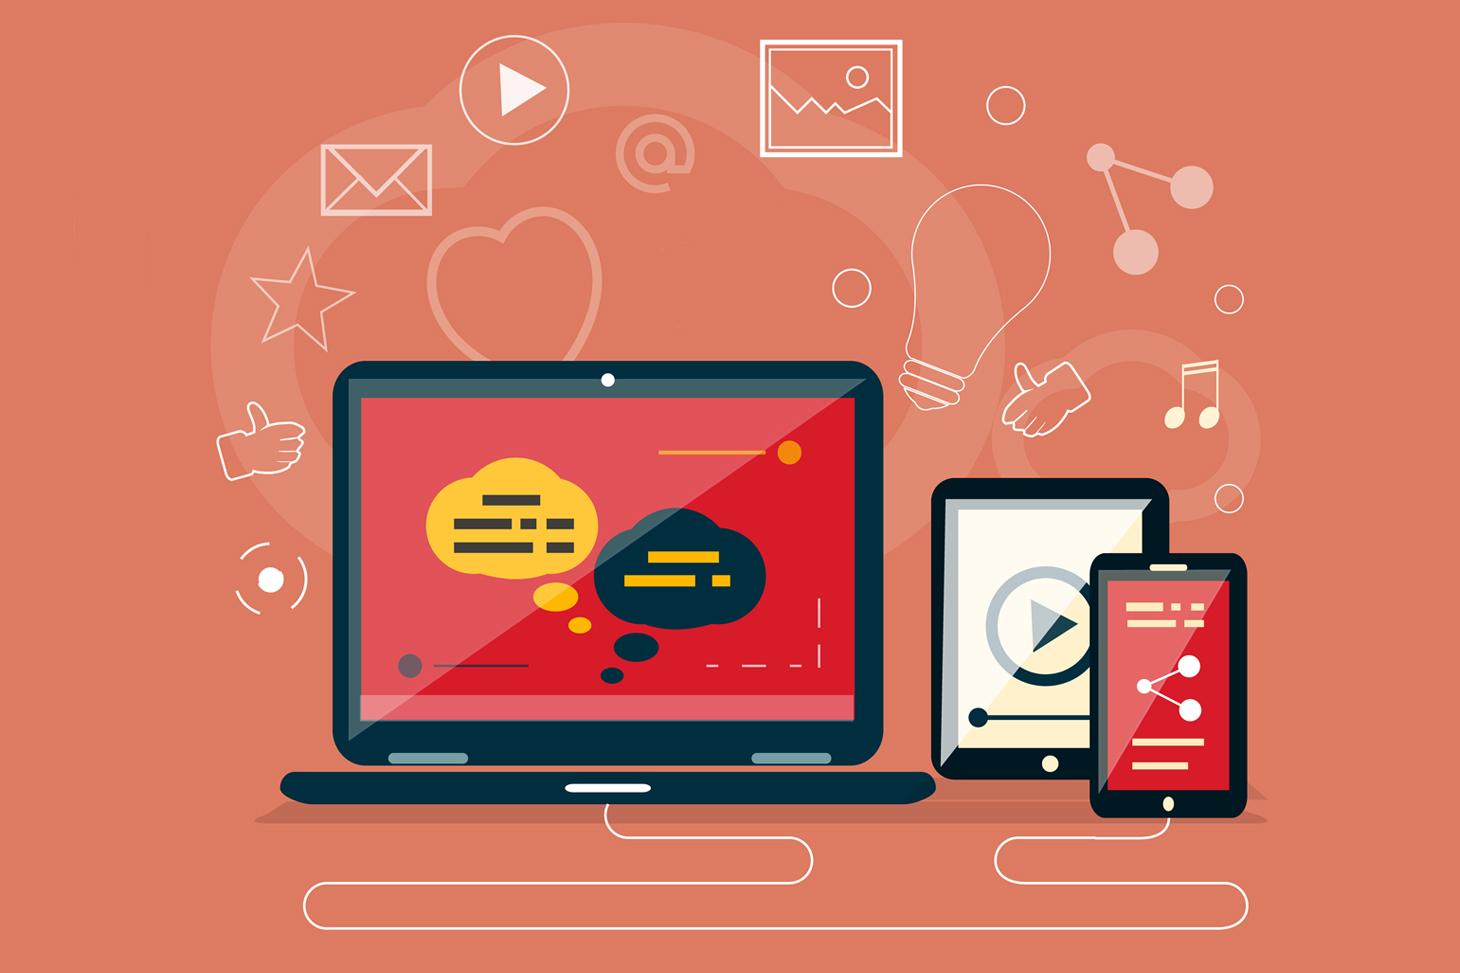 Les outils numériques